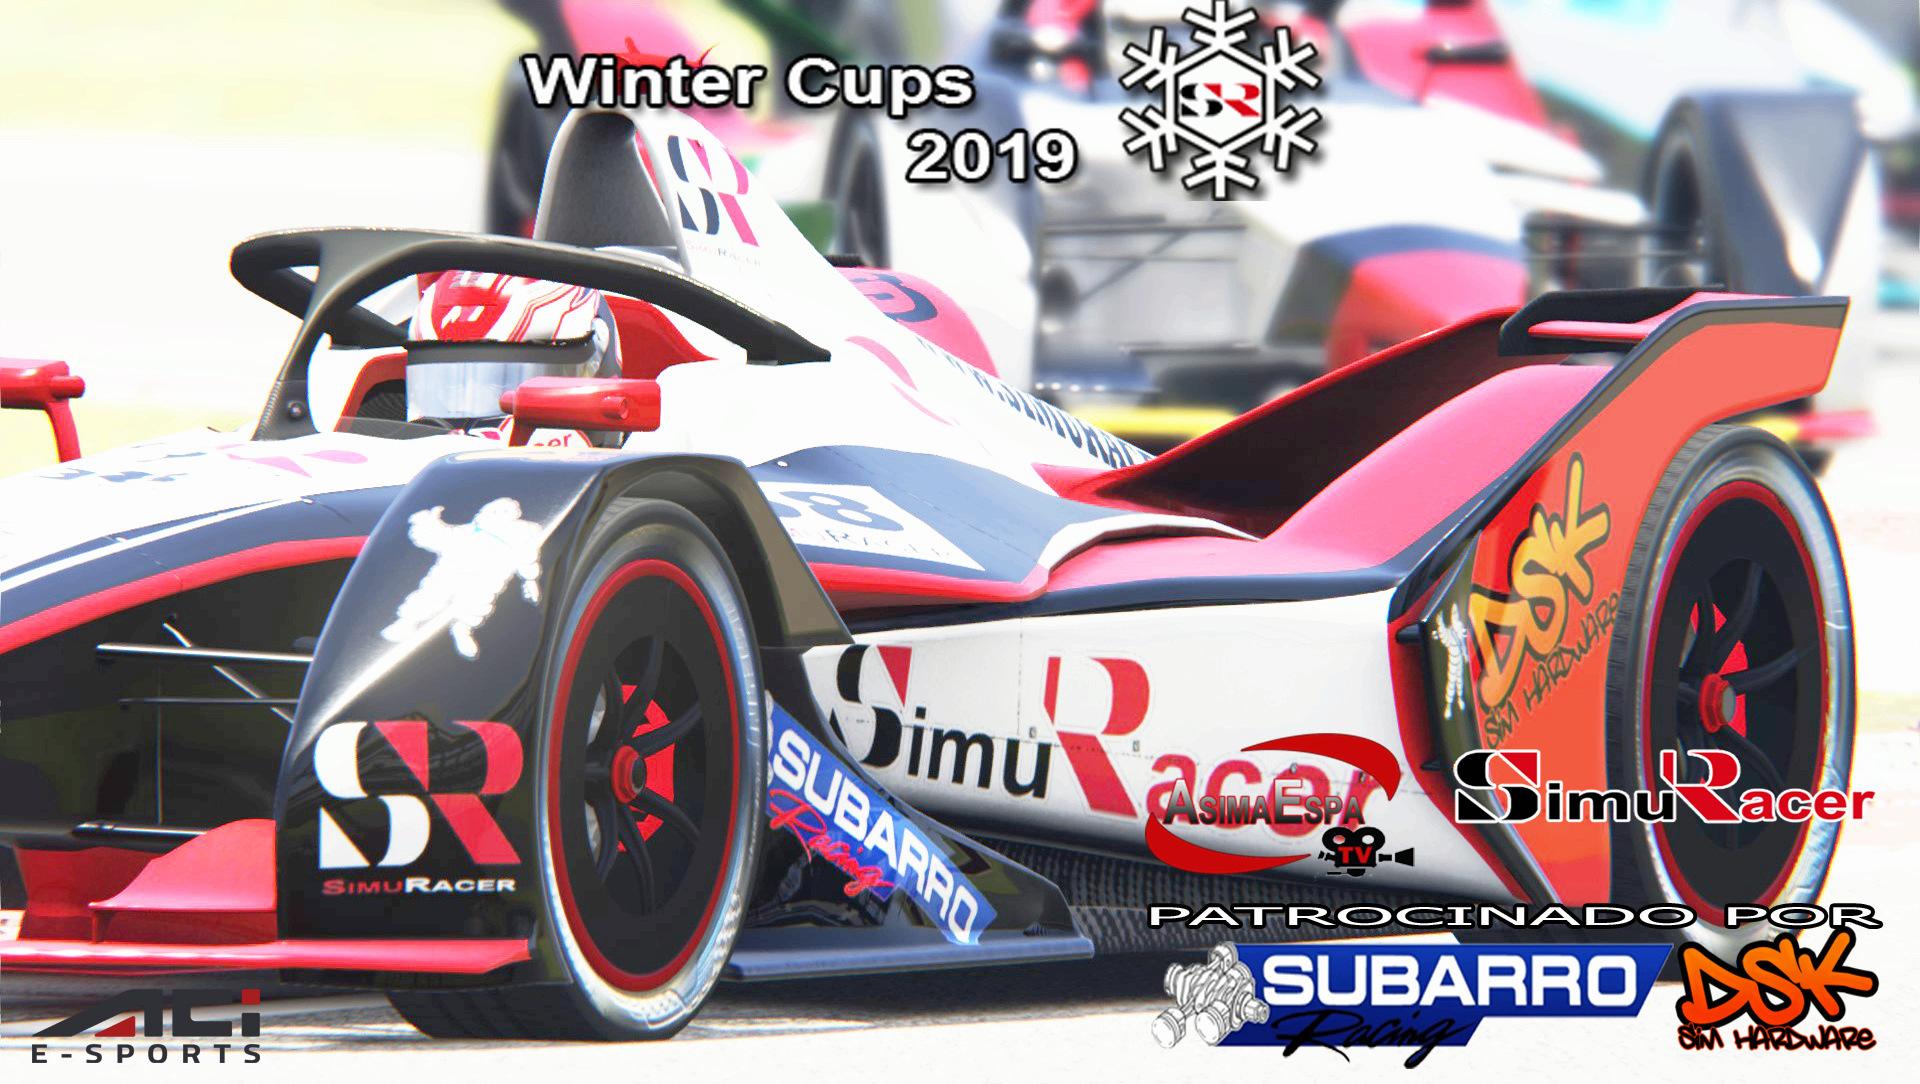 WINTERS CUPS 2019 - FORMULA e - SILVERSTONE 21 ENERO Wcupsf10